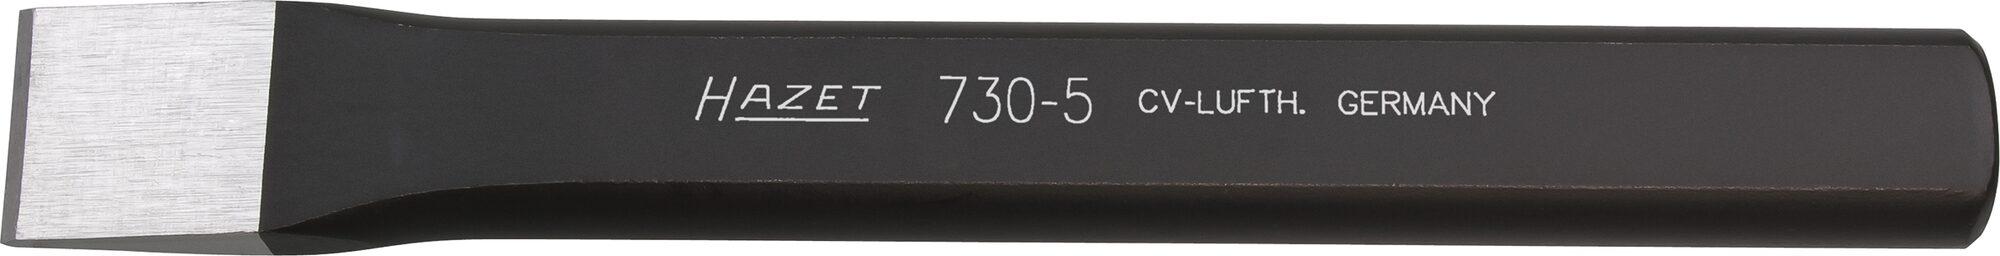 HAZET Flachmeißel 730-3 ∙ 18 mm